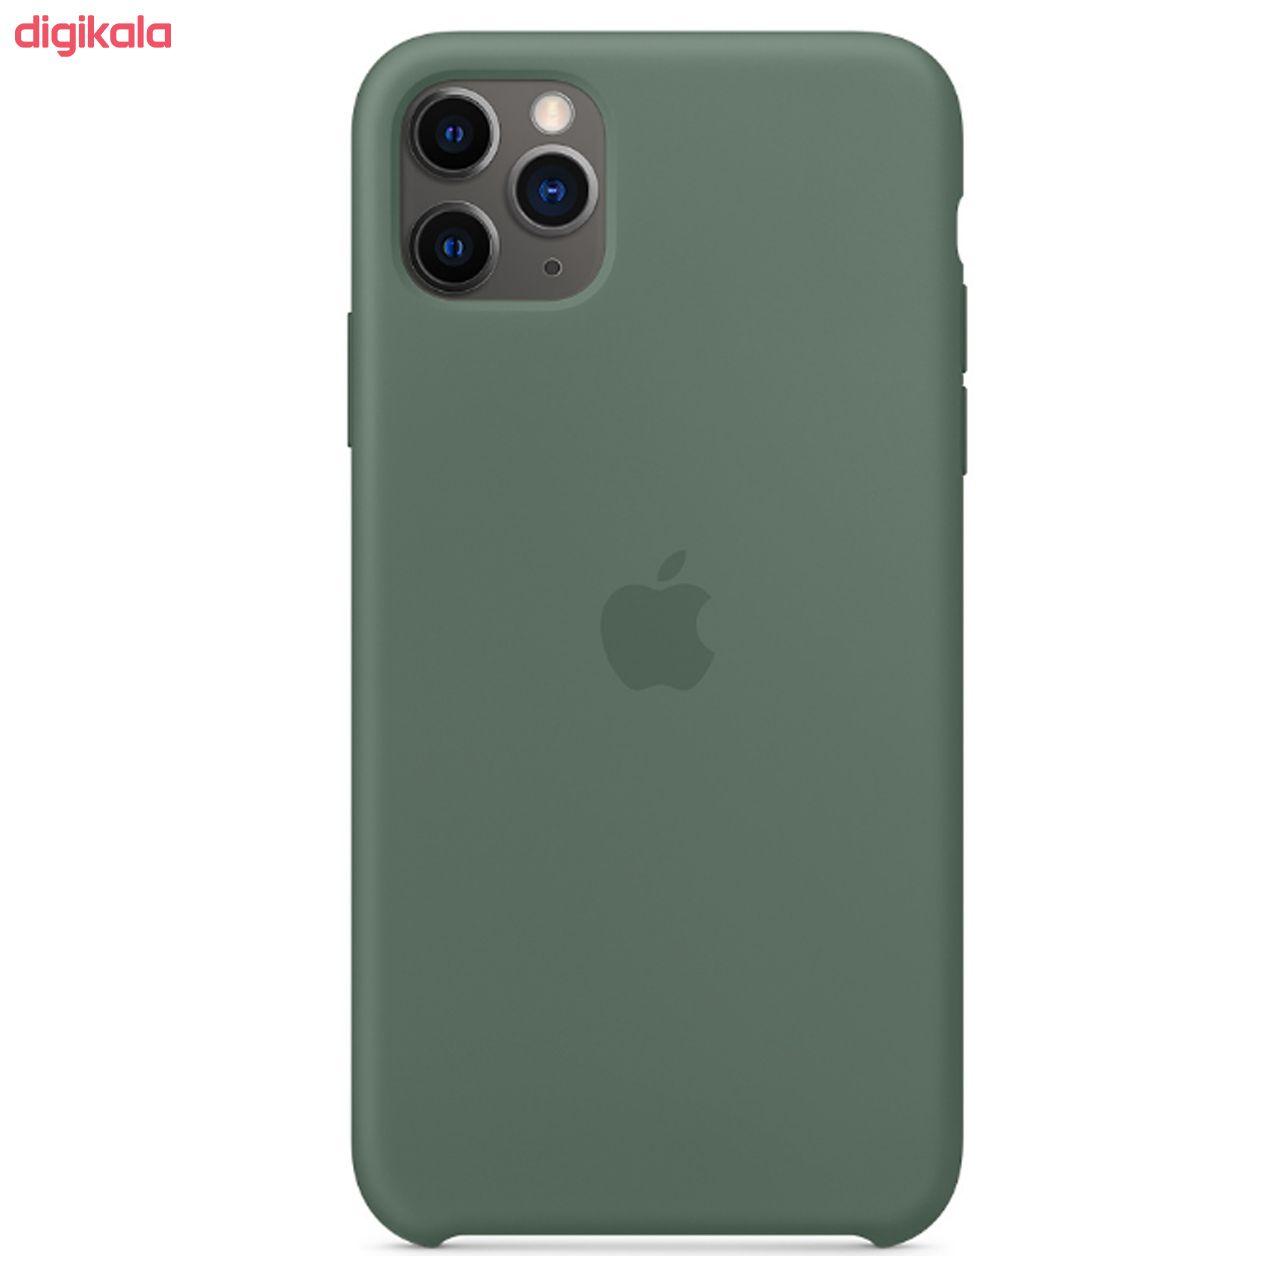 کاور مدل SCS مناسب برای گوشی موبایل اپل Iphone 11 Pro Max main 1 3